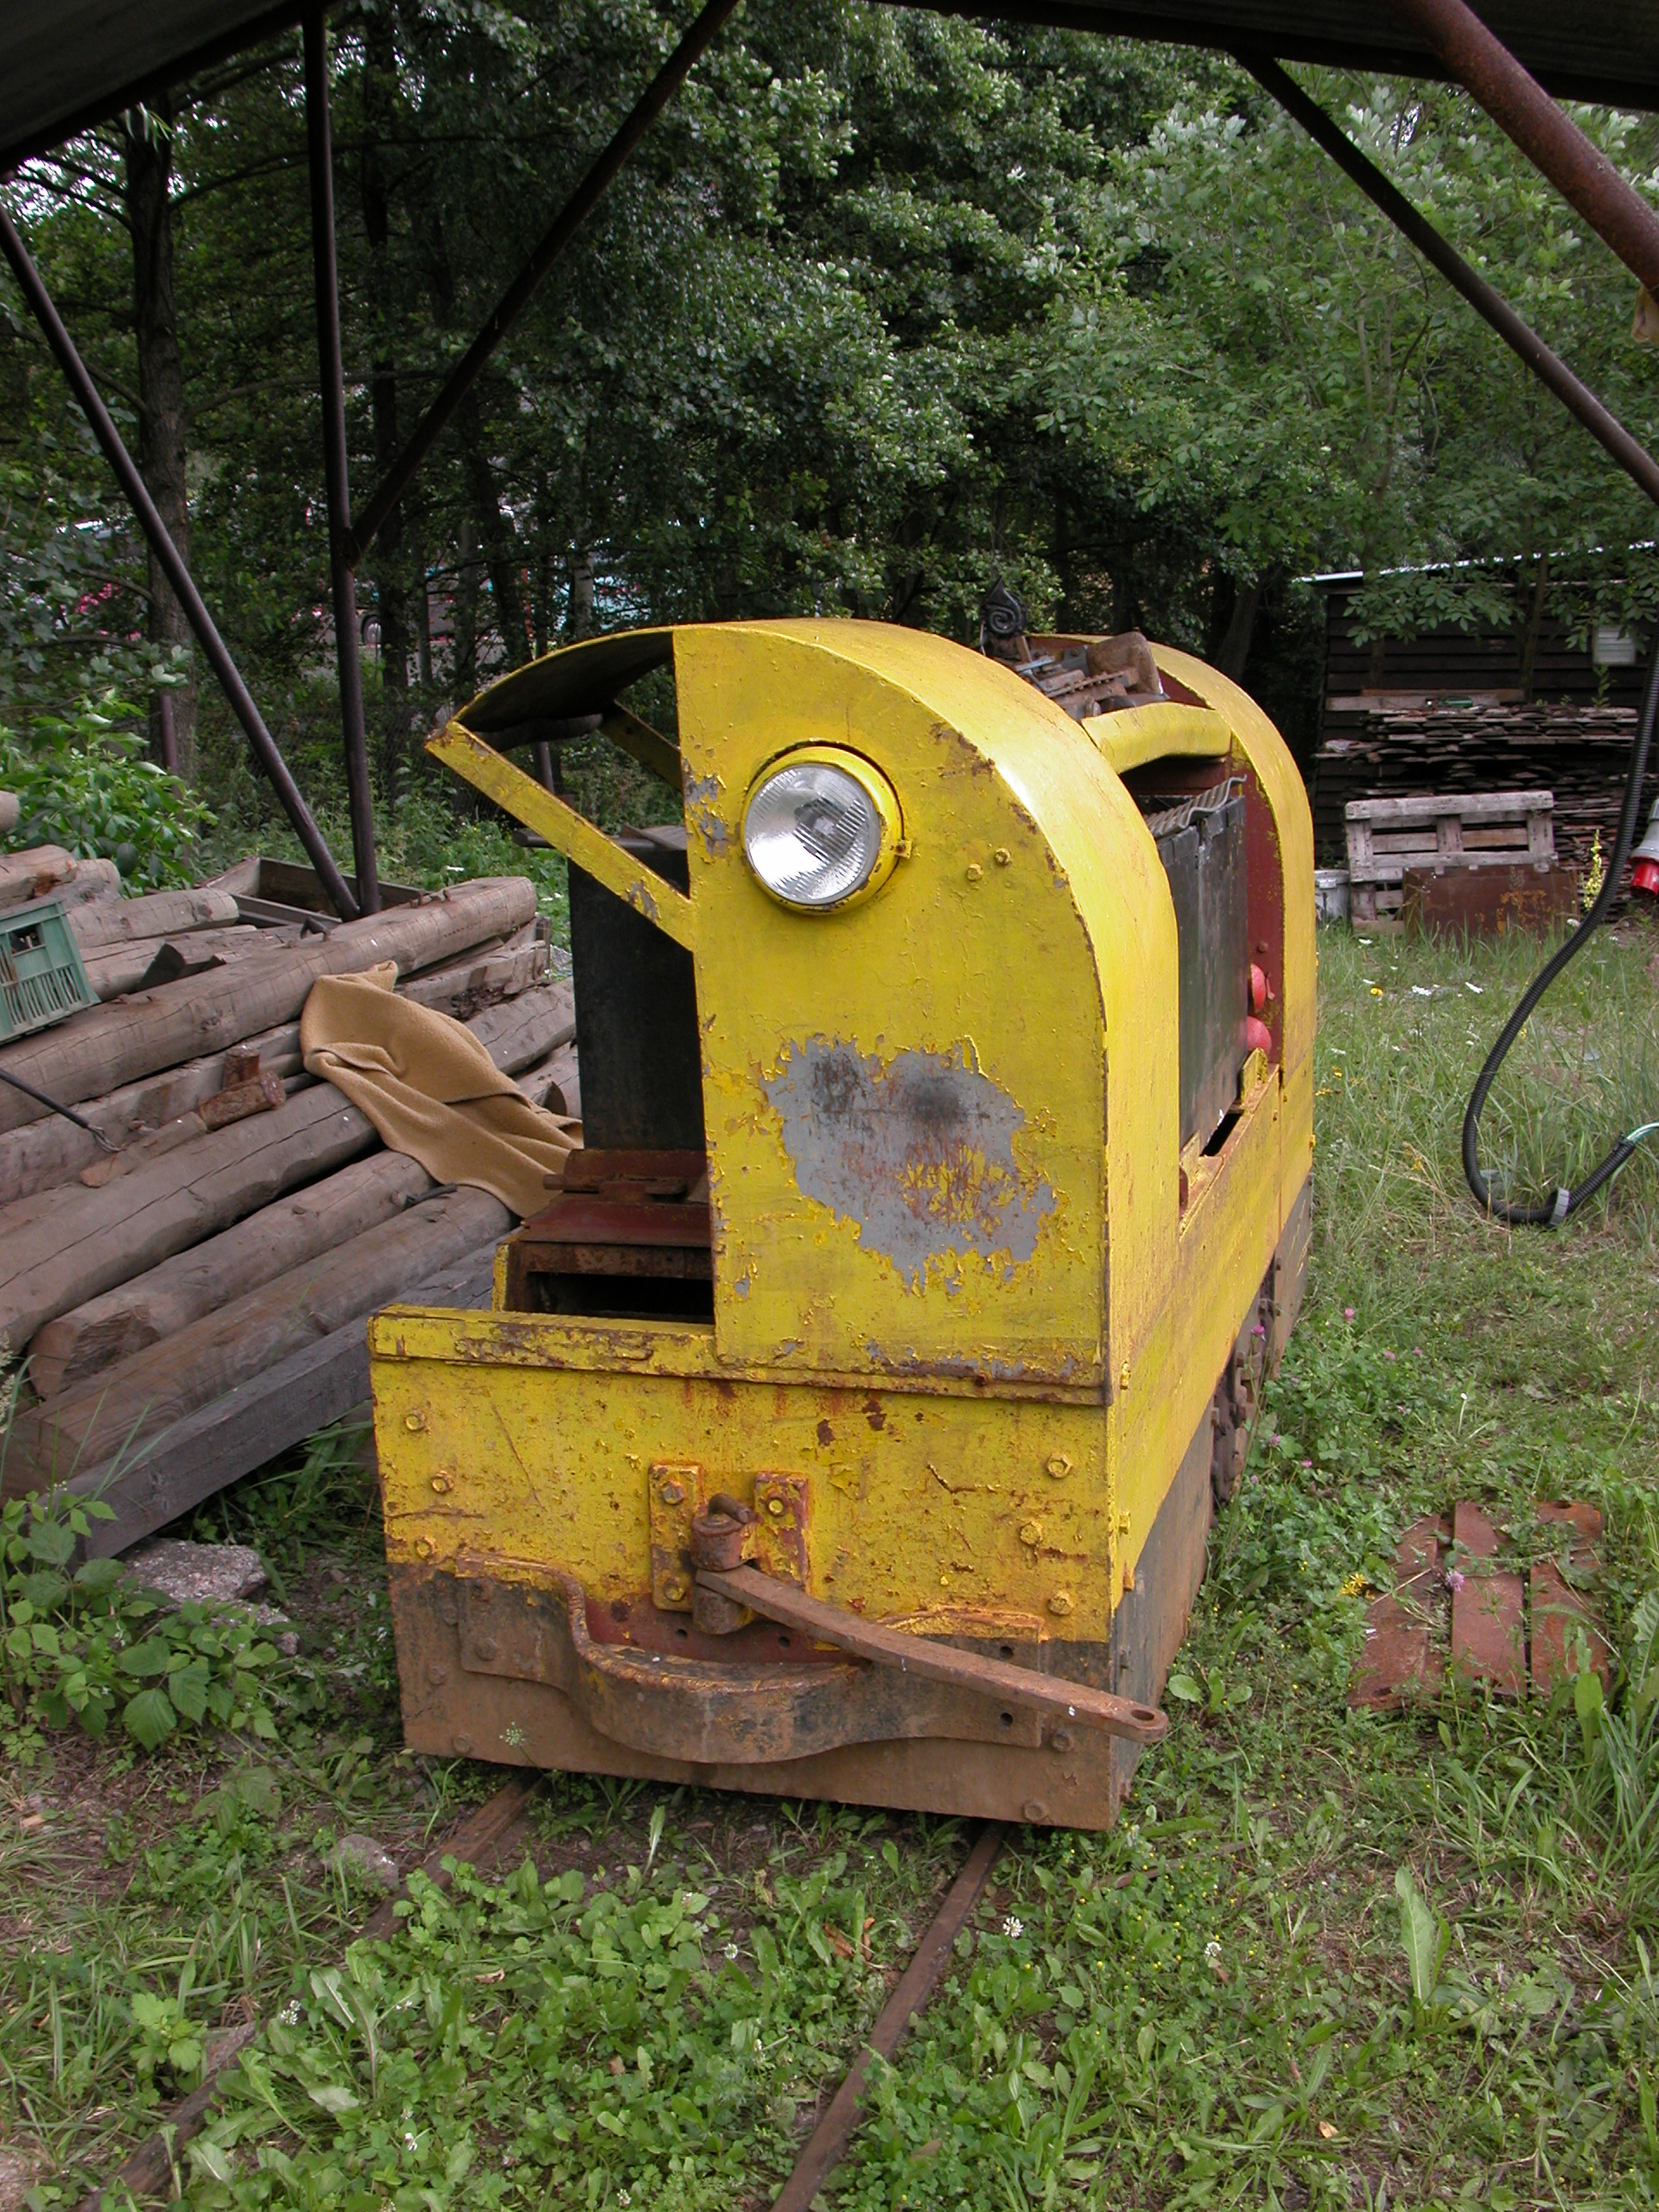 train engine yellow metal rails abandoned rubbish trash